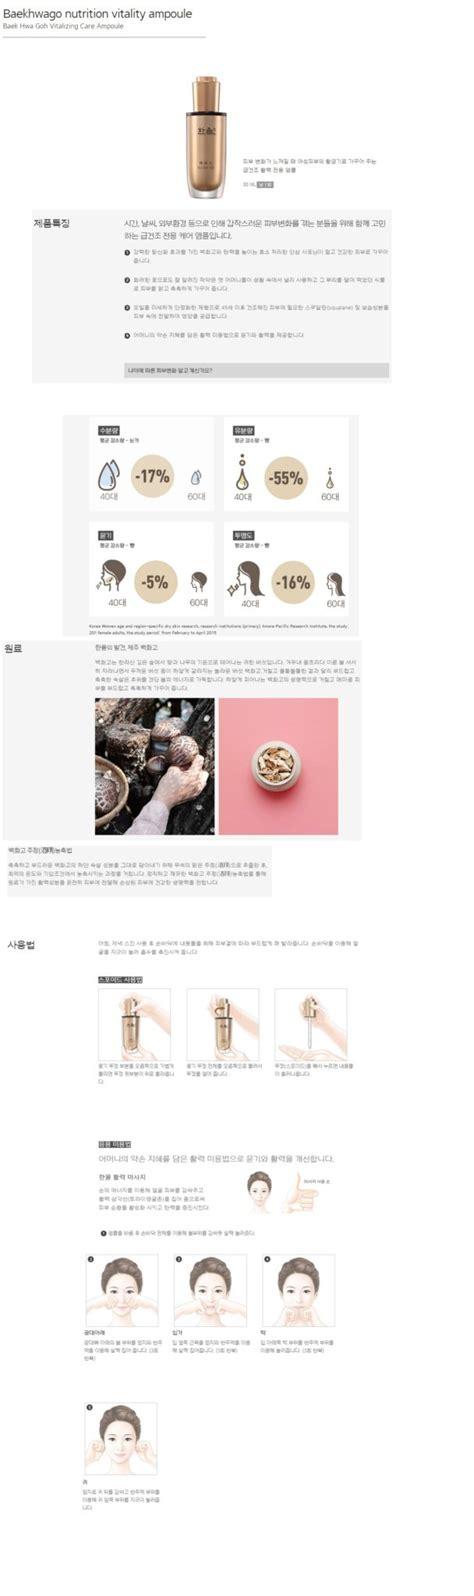 Hanyul Geuk Jin 50ml hanyul baek hwa goh vitalizing care oule hanyul